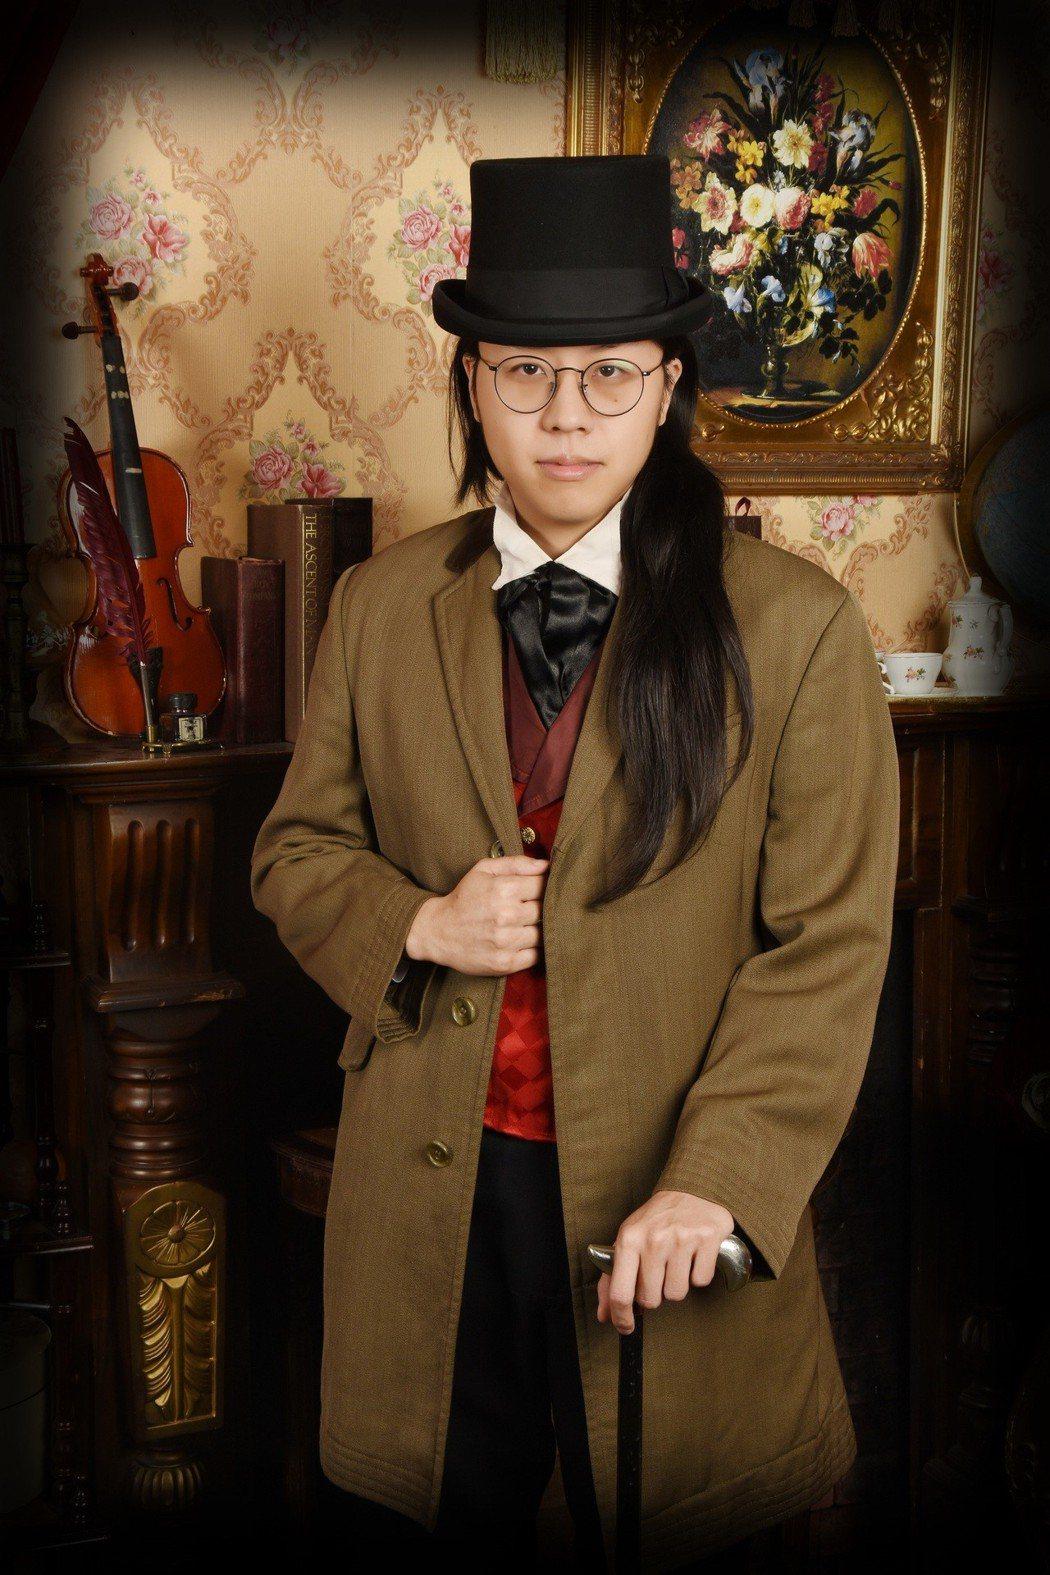 夏道倪推出深情創作「滿天星空」。圖/啟動音樂提供